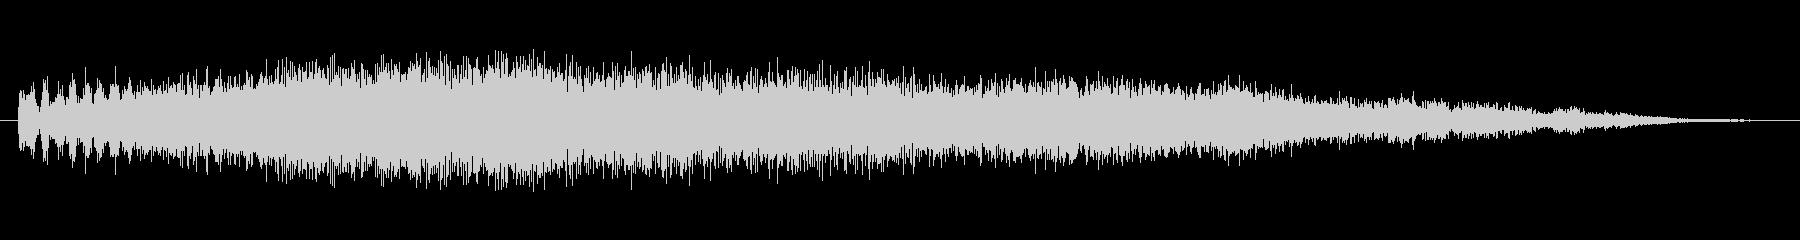 ホラー バズ・クライング・ベルズ03の未再生の波形